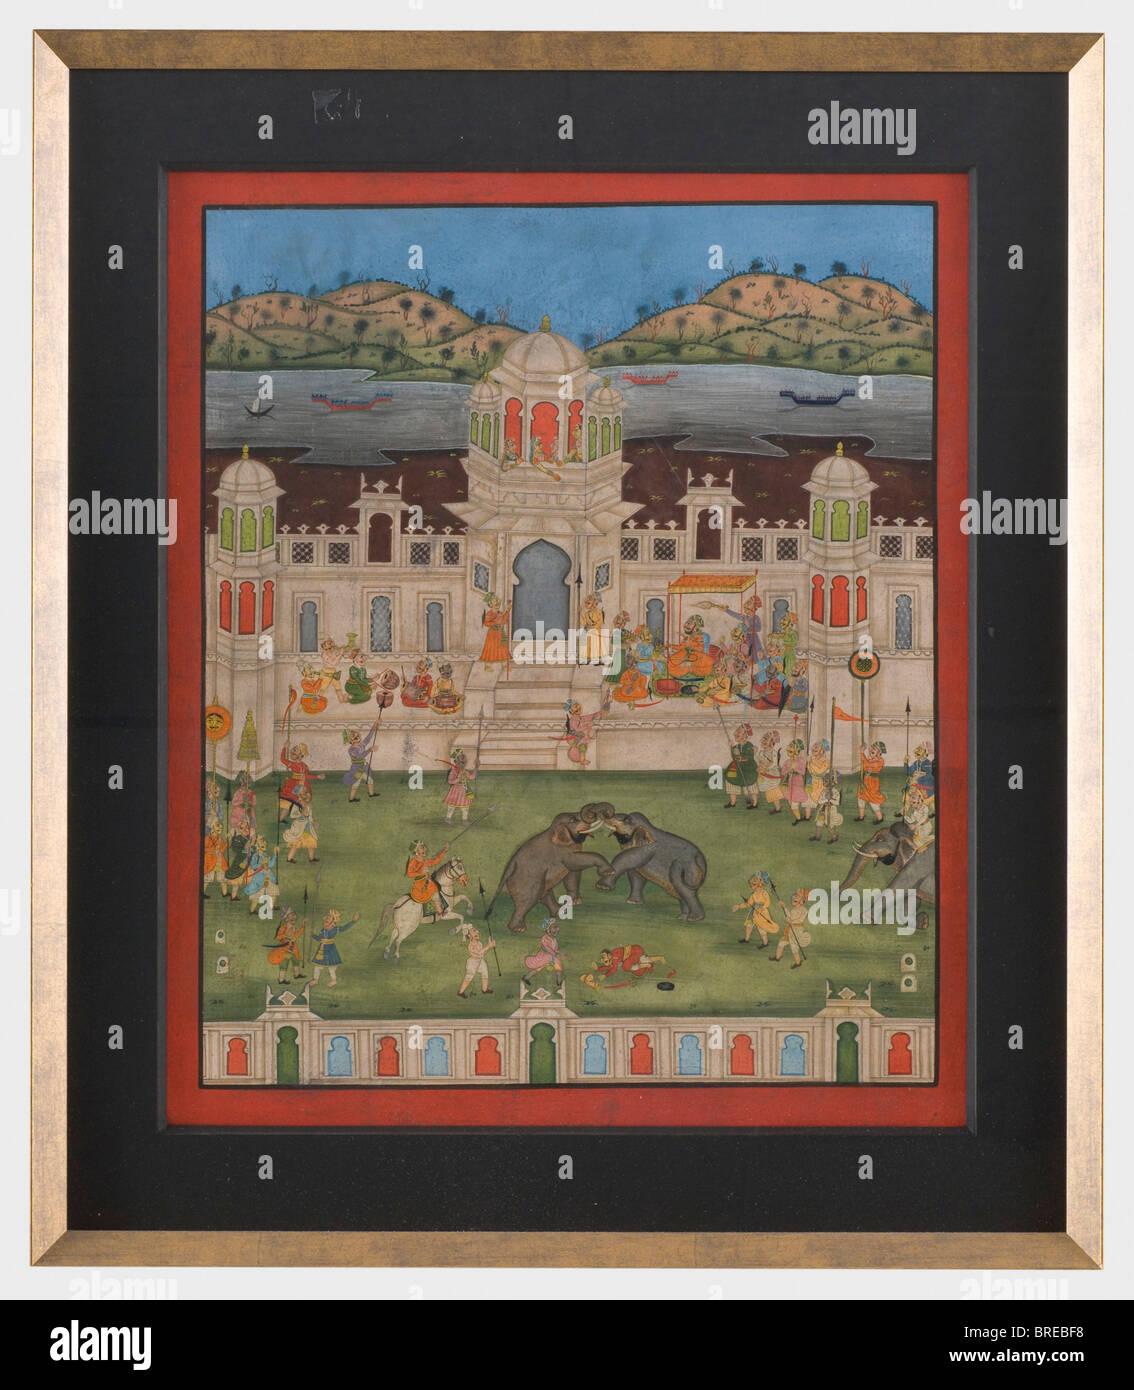 Una grande miniatura indiano, Jaisalmer, ca. 1850. Gouache su carta. In primo piano la lotta contro gli elefanti Immagini Stock